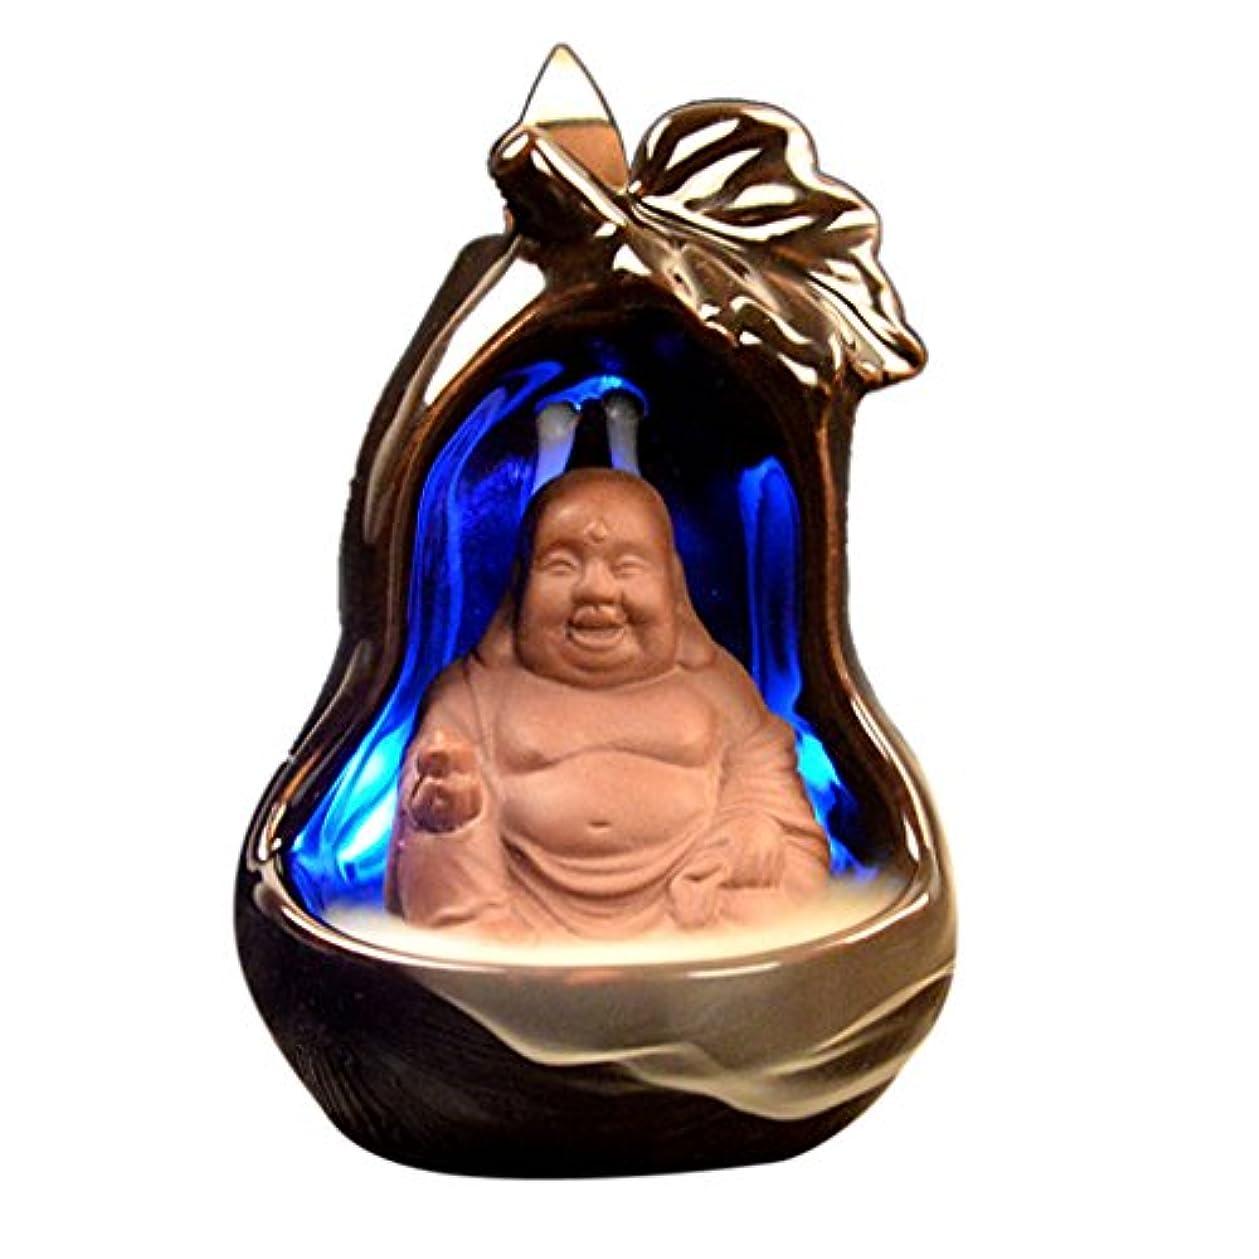 ウォルターカニンガム露出度の高い反響するhomyl LEDライト変更香コーンバーナーセラミック逆流香炉 – Maitreya 1ddbcb6c7659ef95b78de033c1b5b496